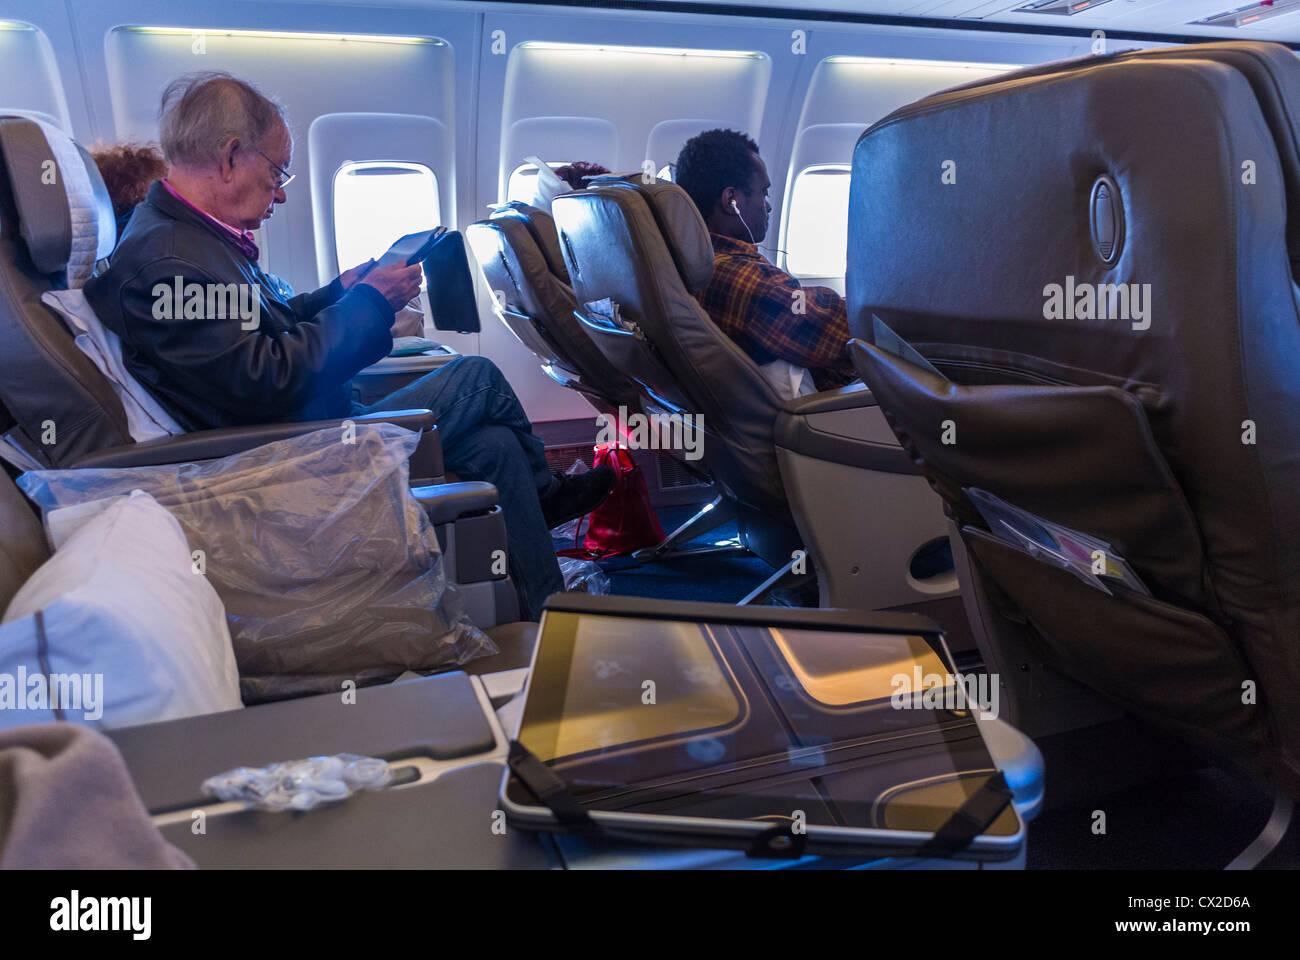 Entrobordo volo British Airways, con ipad, Boeing 757 Piano, la prima sezione di classe Immagini Stock